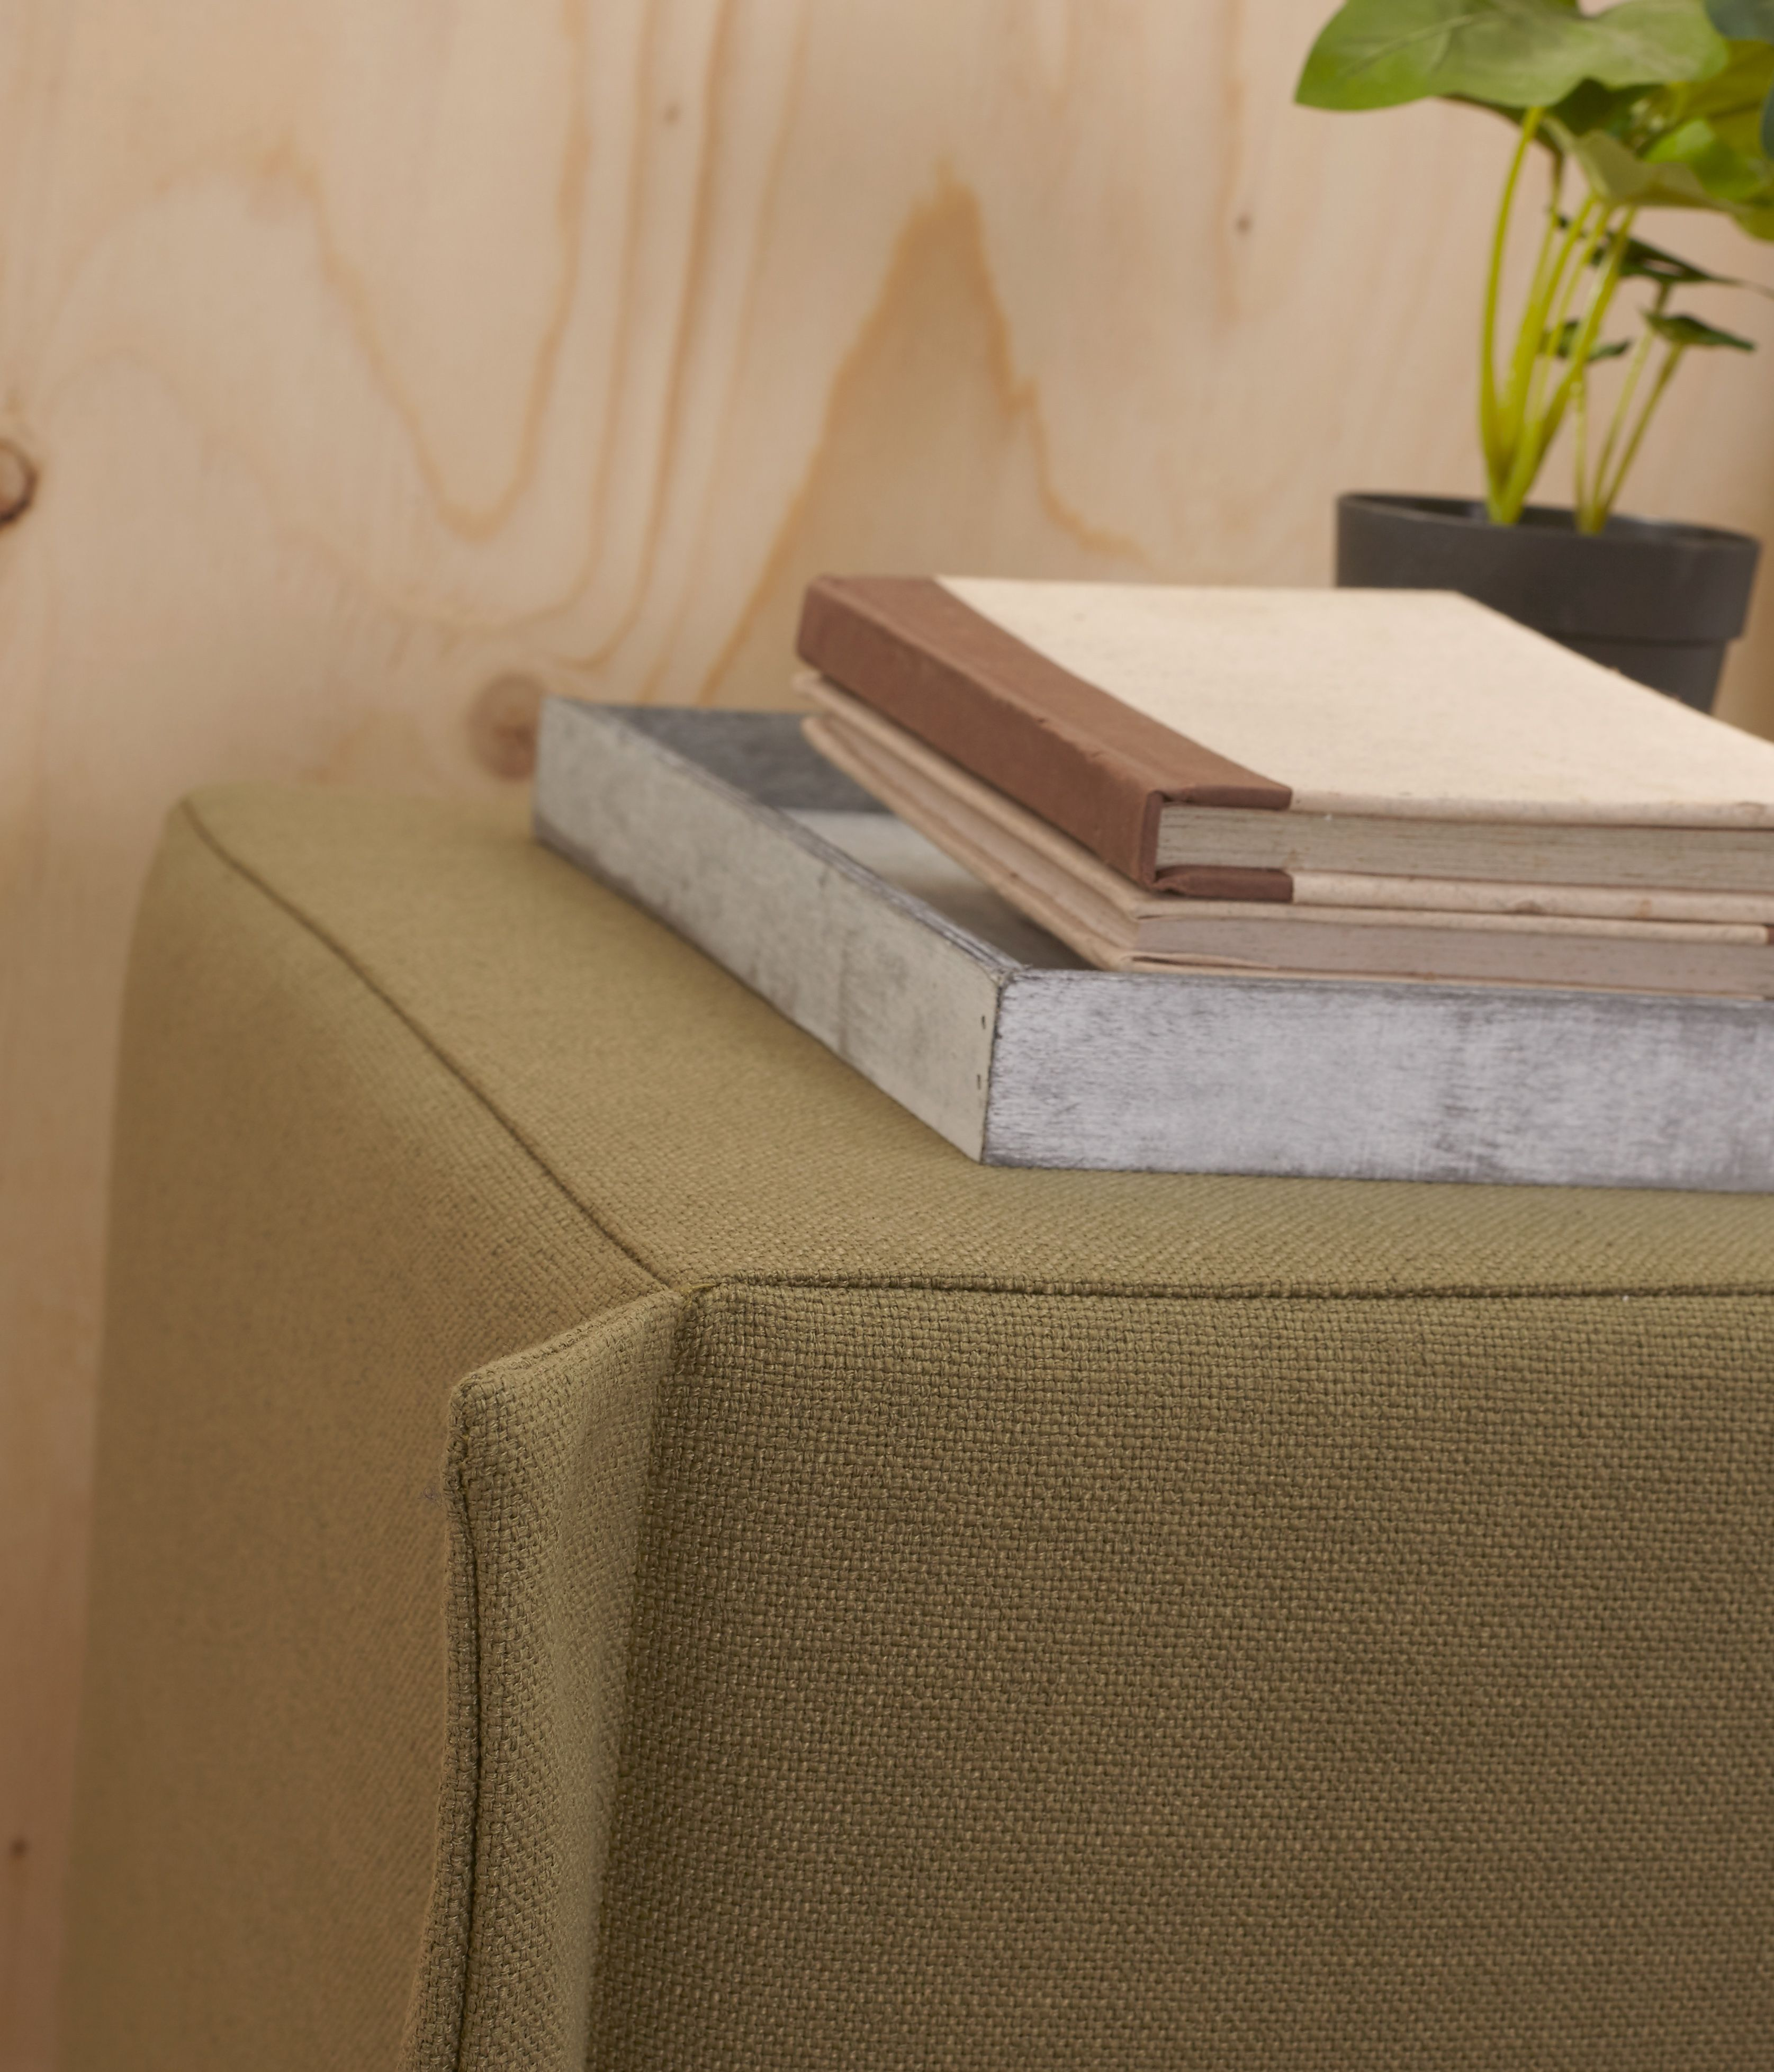 Hocker Cushion - Slaapkamer Zuiver | Pinterest - Ledikant, Producten ...